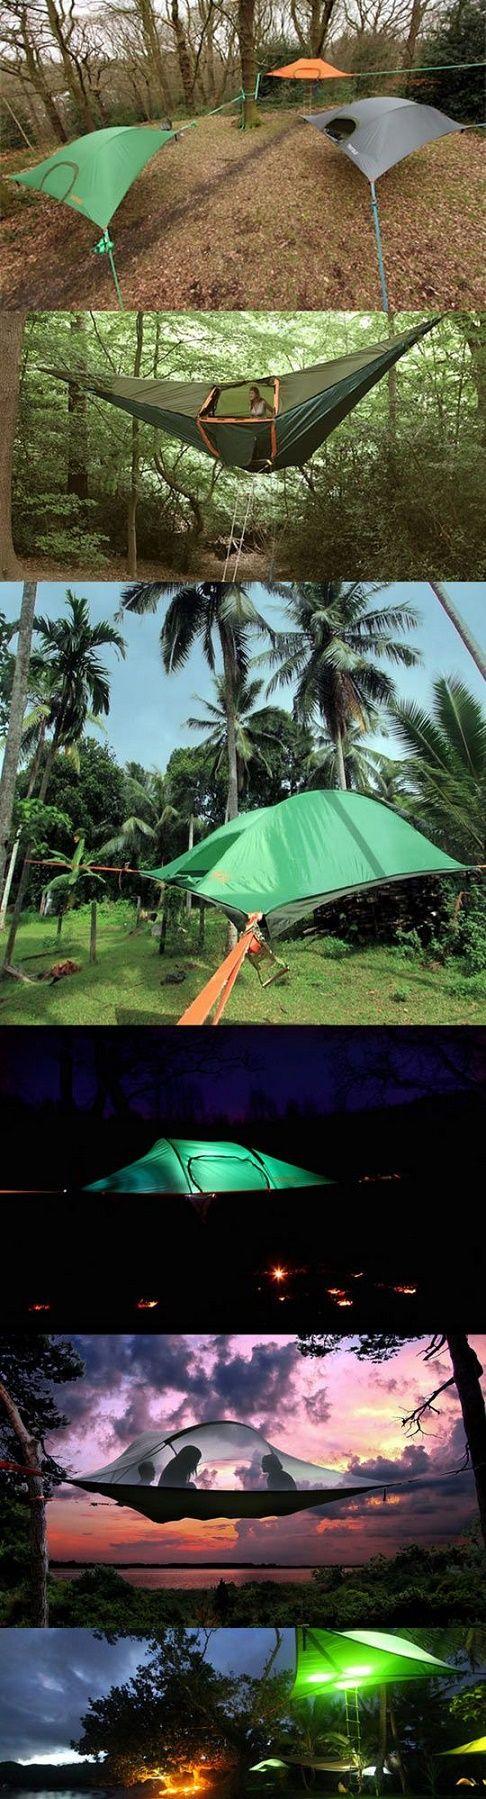 camping stuff4